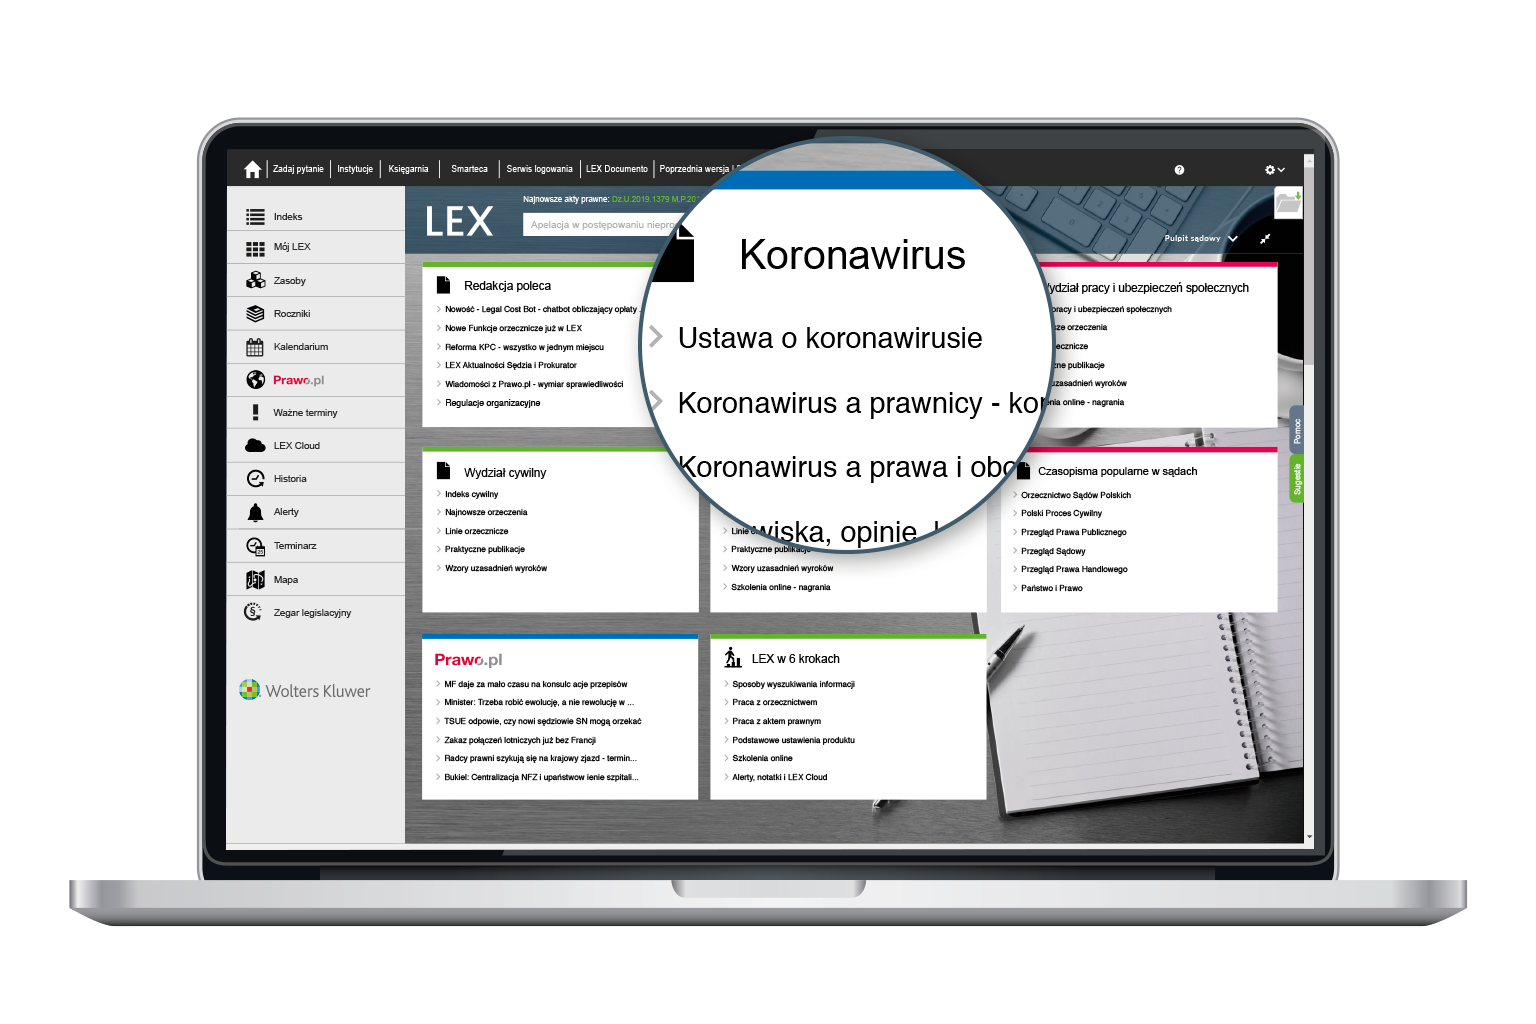 Informacje o koronawirusie w LEX Sądy